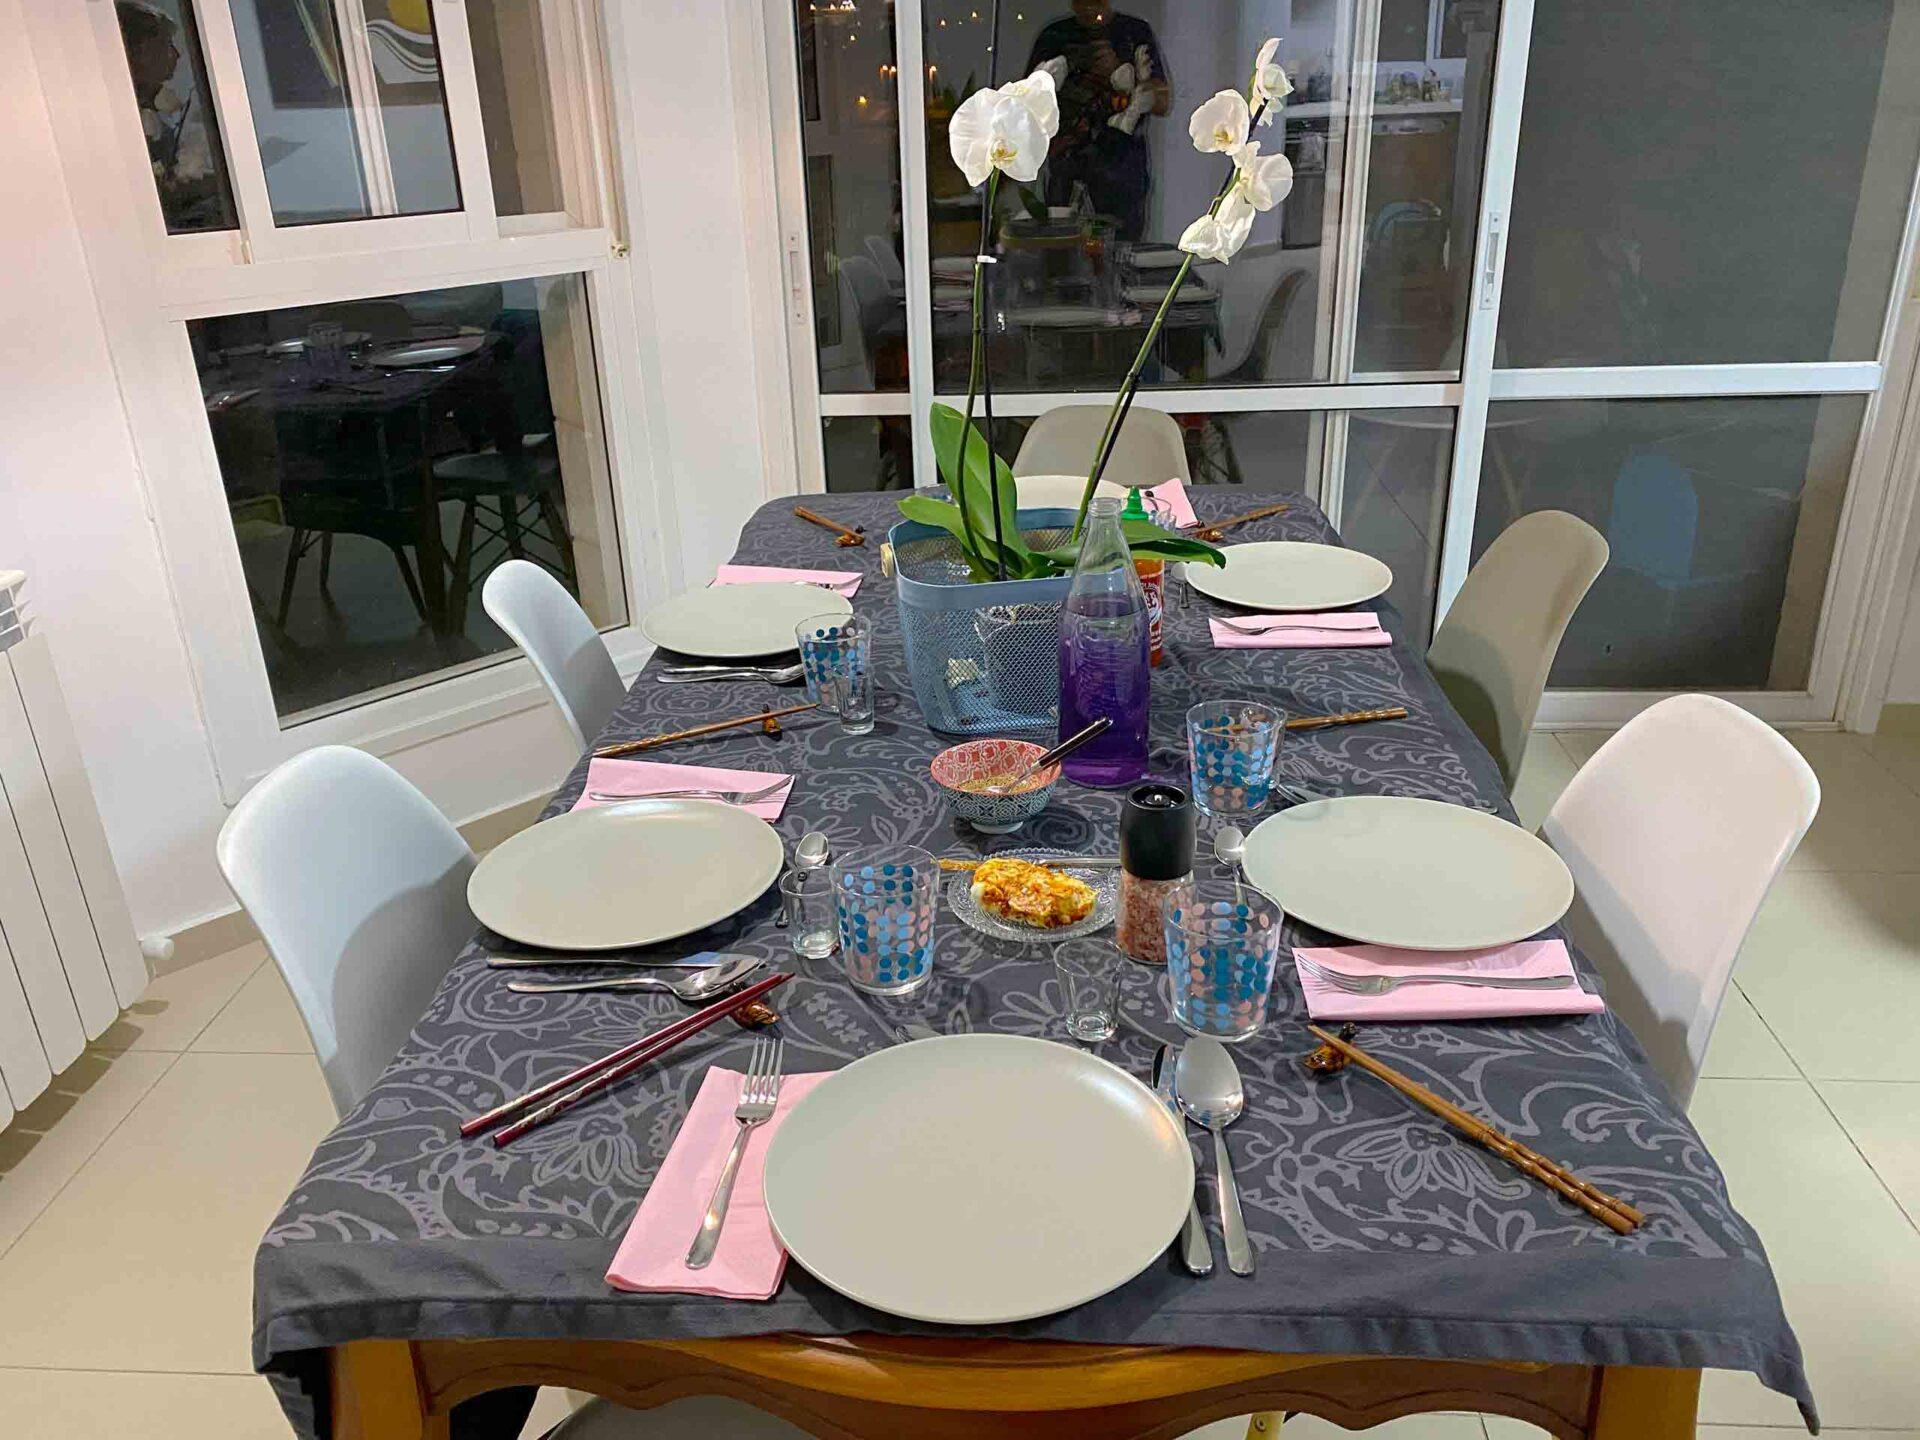 ארוחה-קוריאנית-השולחן